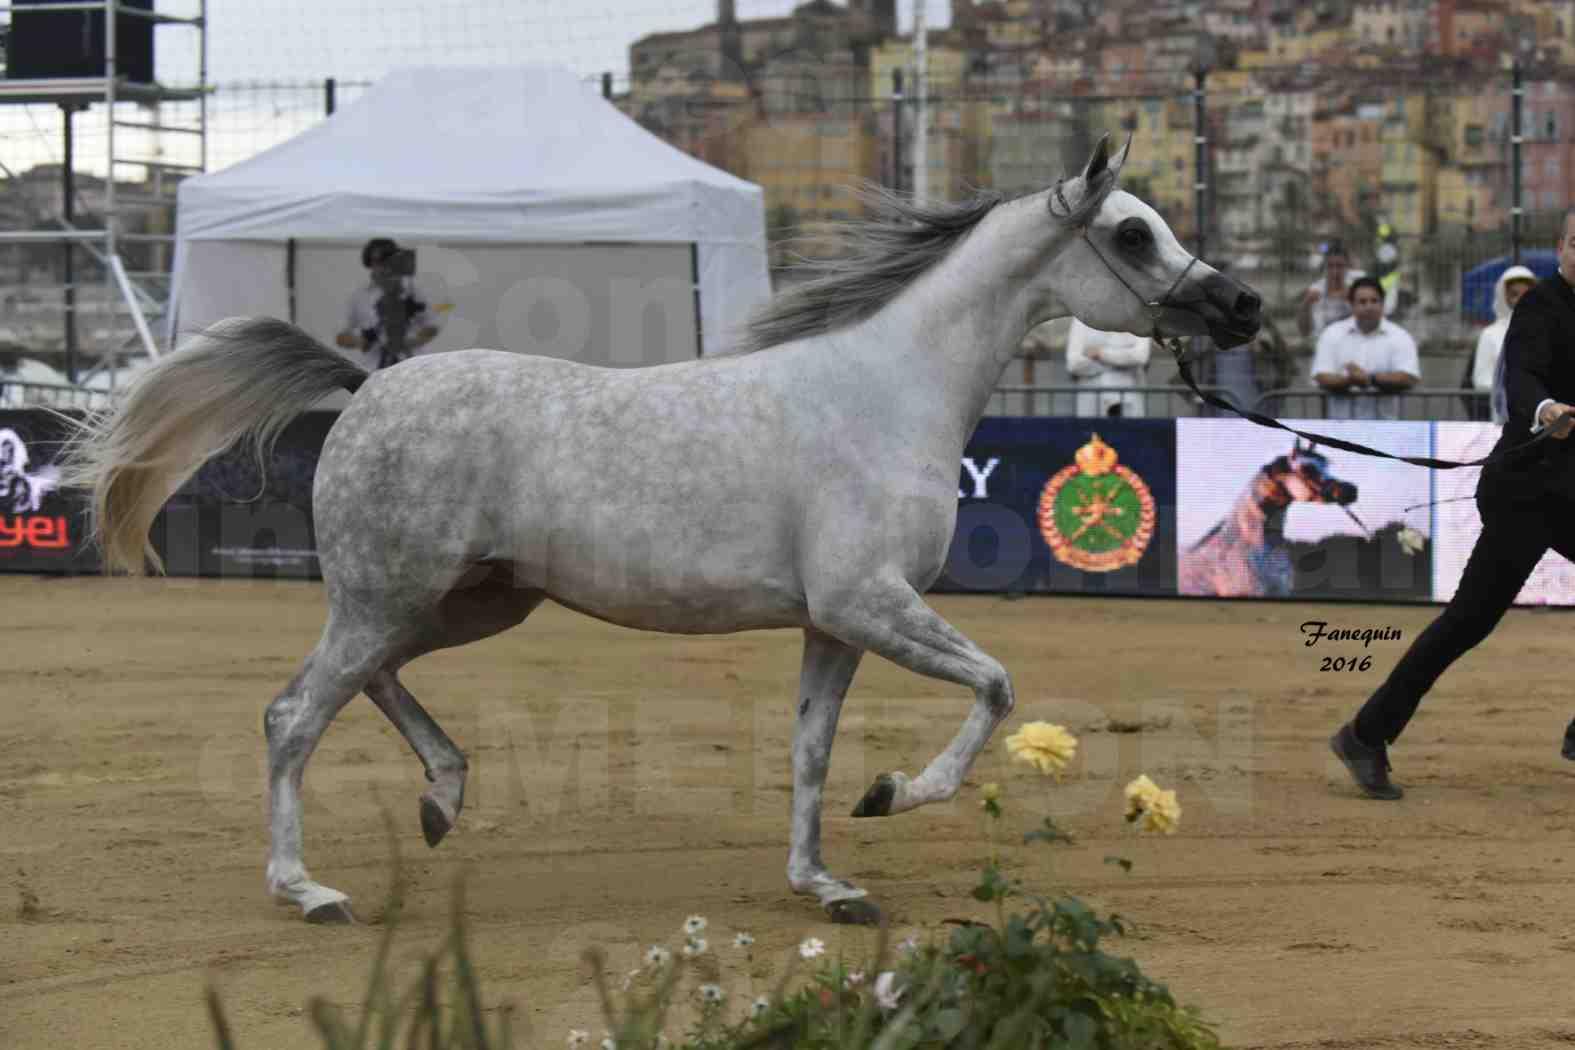 Championnat du pur-sang arabe de la Méditerranée et des pays arabes - MENTON 2016 - BINT HAZY AL KHALEDIAH - 5